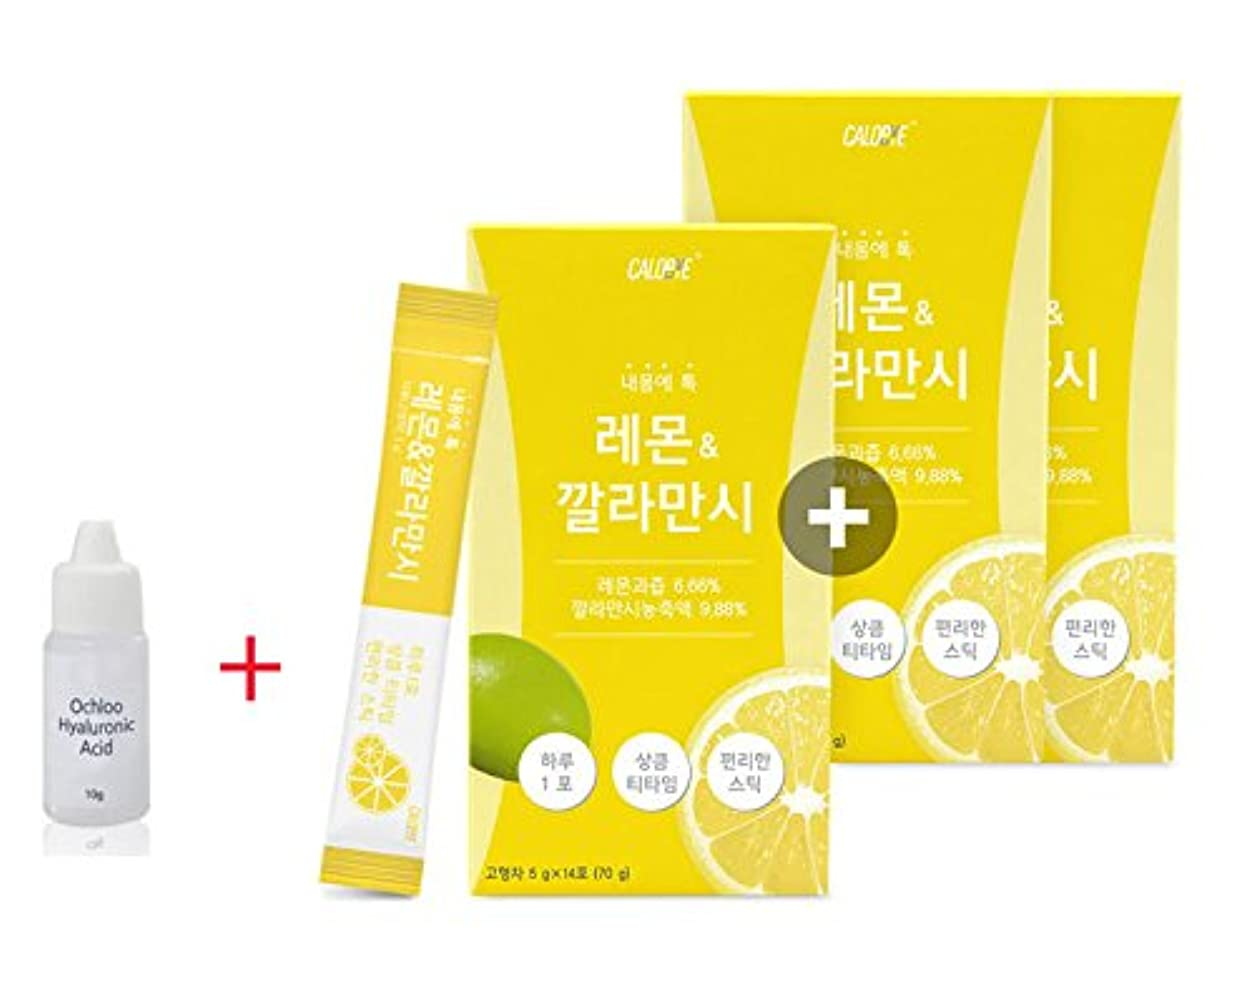 読者販売員混乱したCALOBYE Lemon&Calamansi Stick Type 2+1 (total 42sticks) ダイエット用/Calamansi concentrate juice/Lemon concentrate juice...